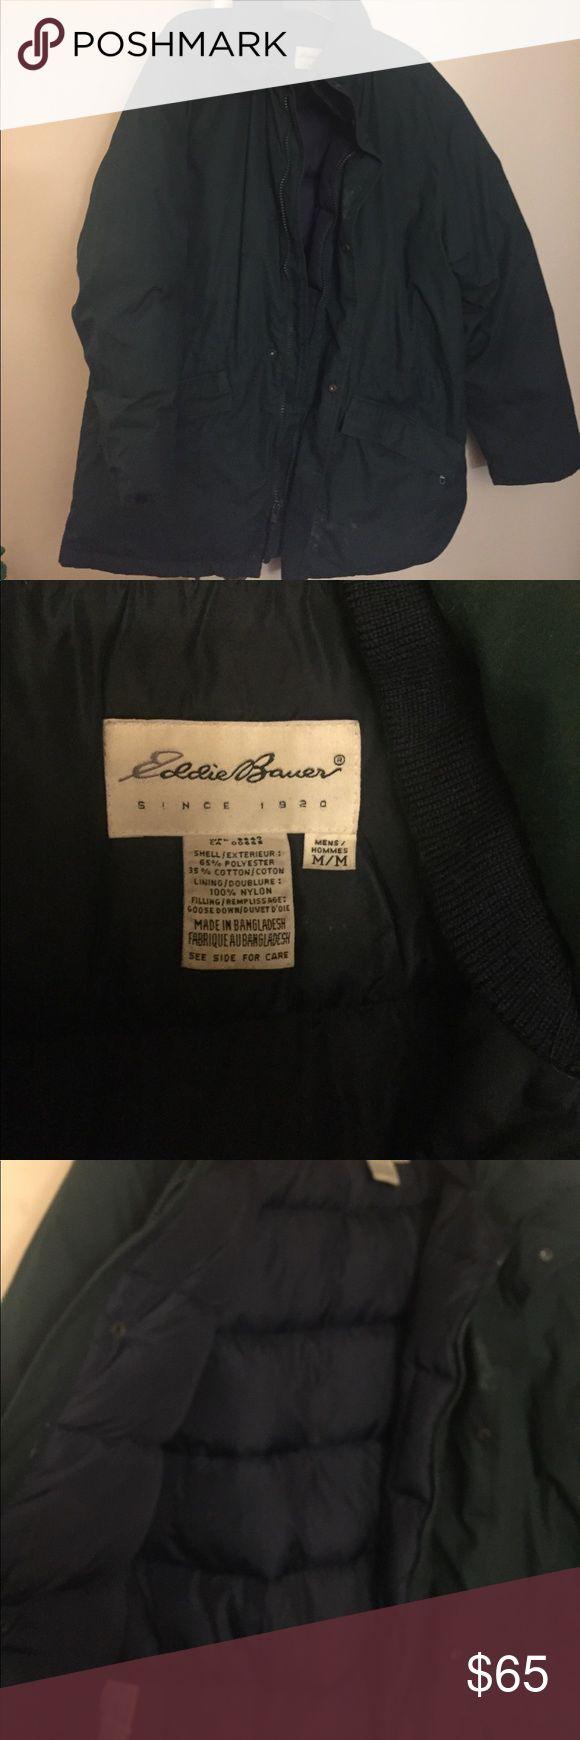 Eddie Bauer Men's Goose down coat Size medium Eddie Bauer coat Eddie Bauer Jackets & Coats Puffers